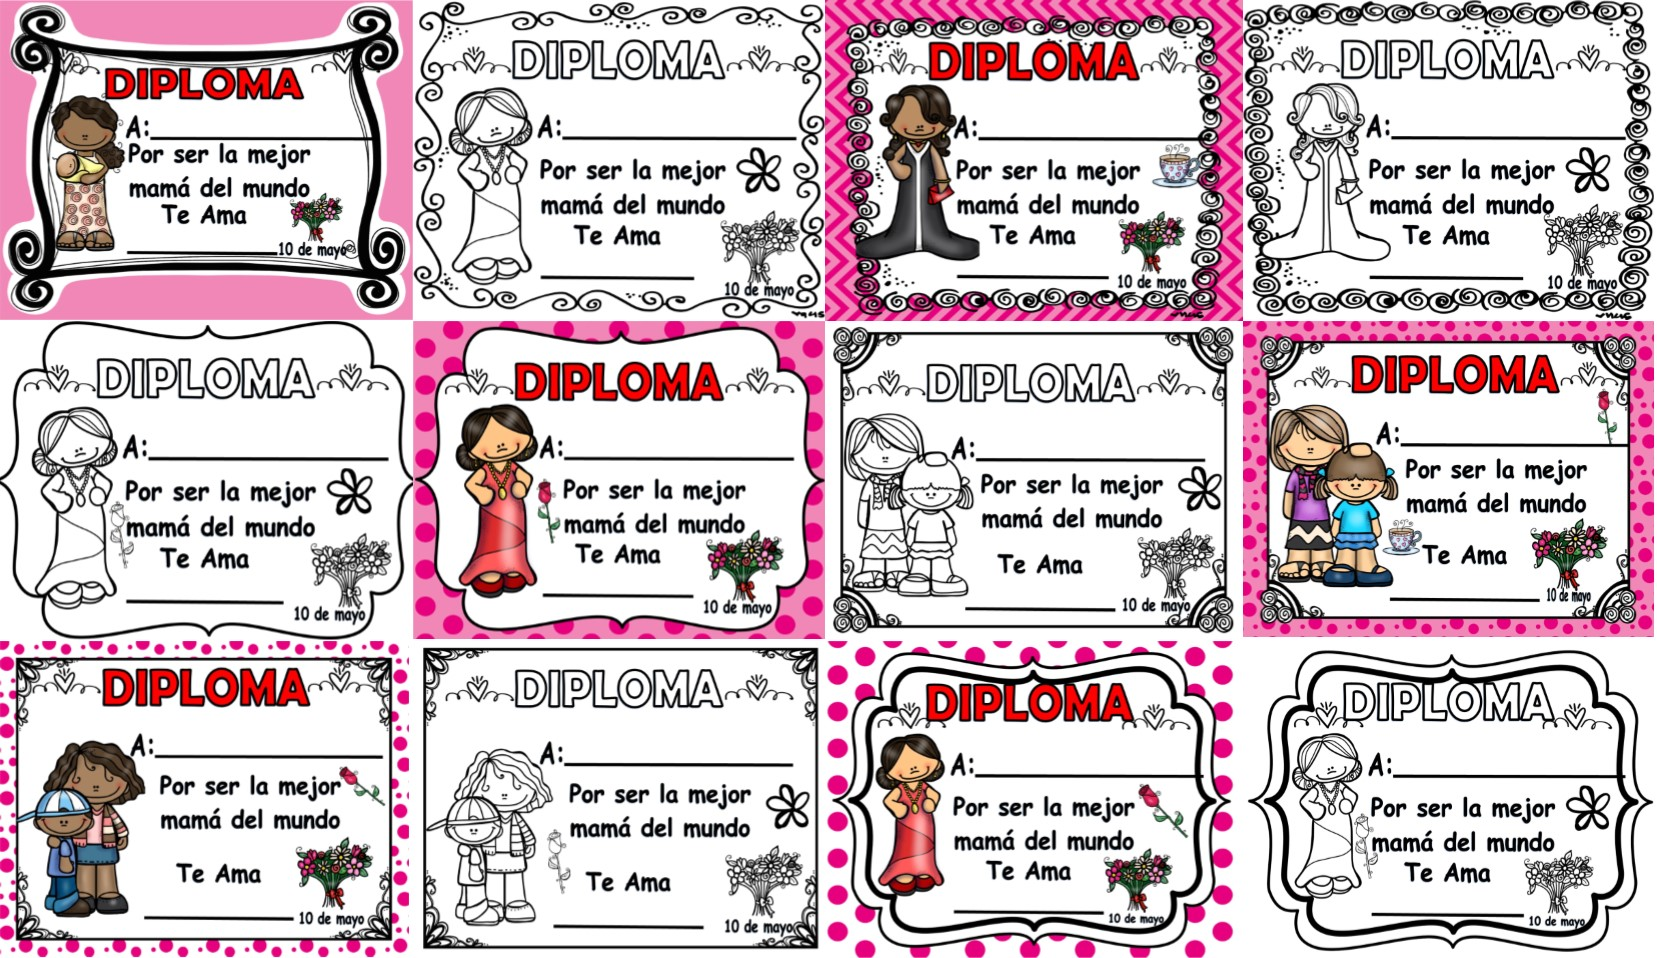 diplomas para imprimir y editar